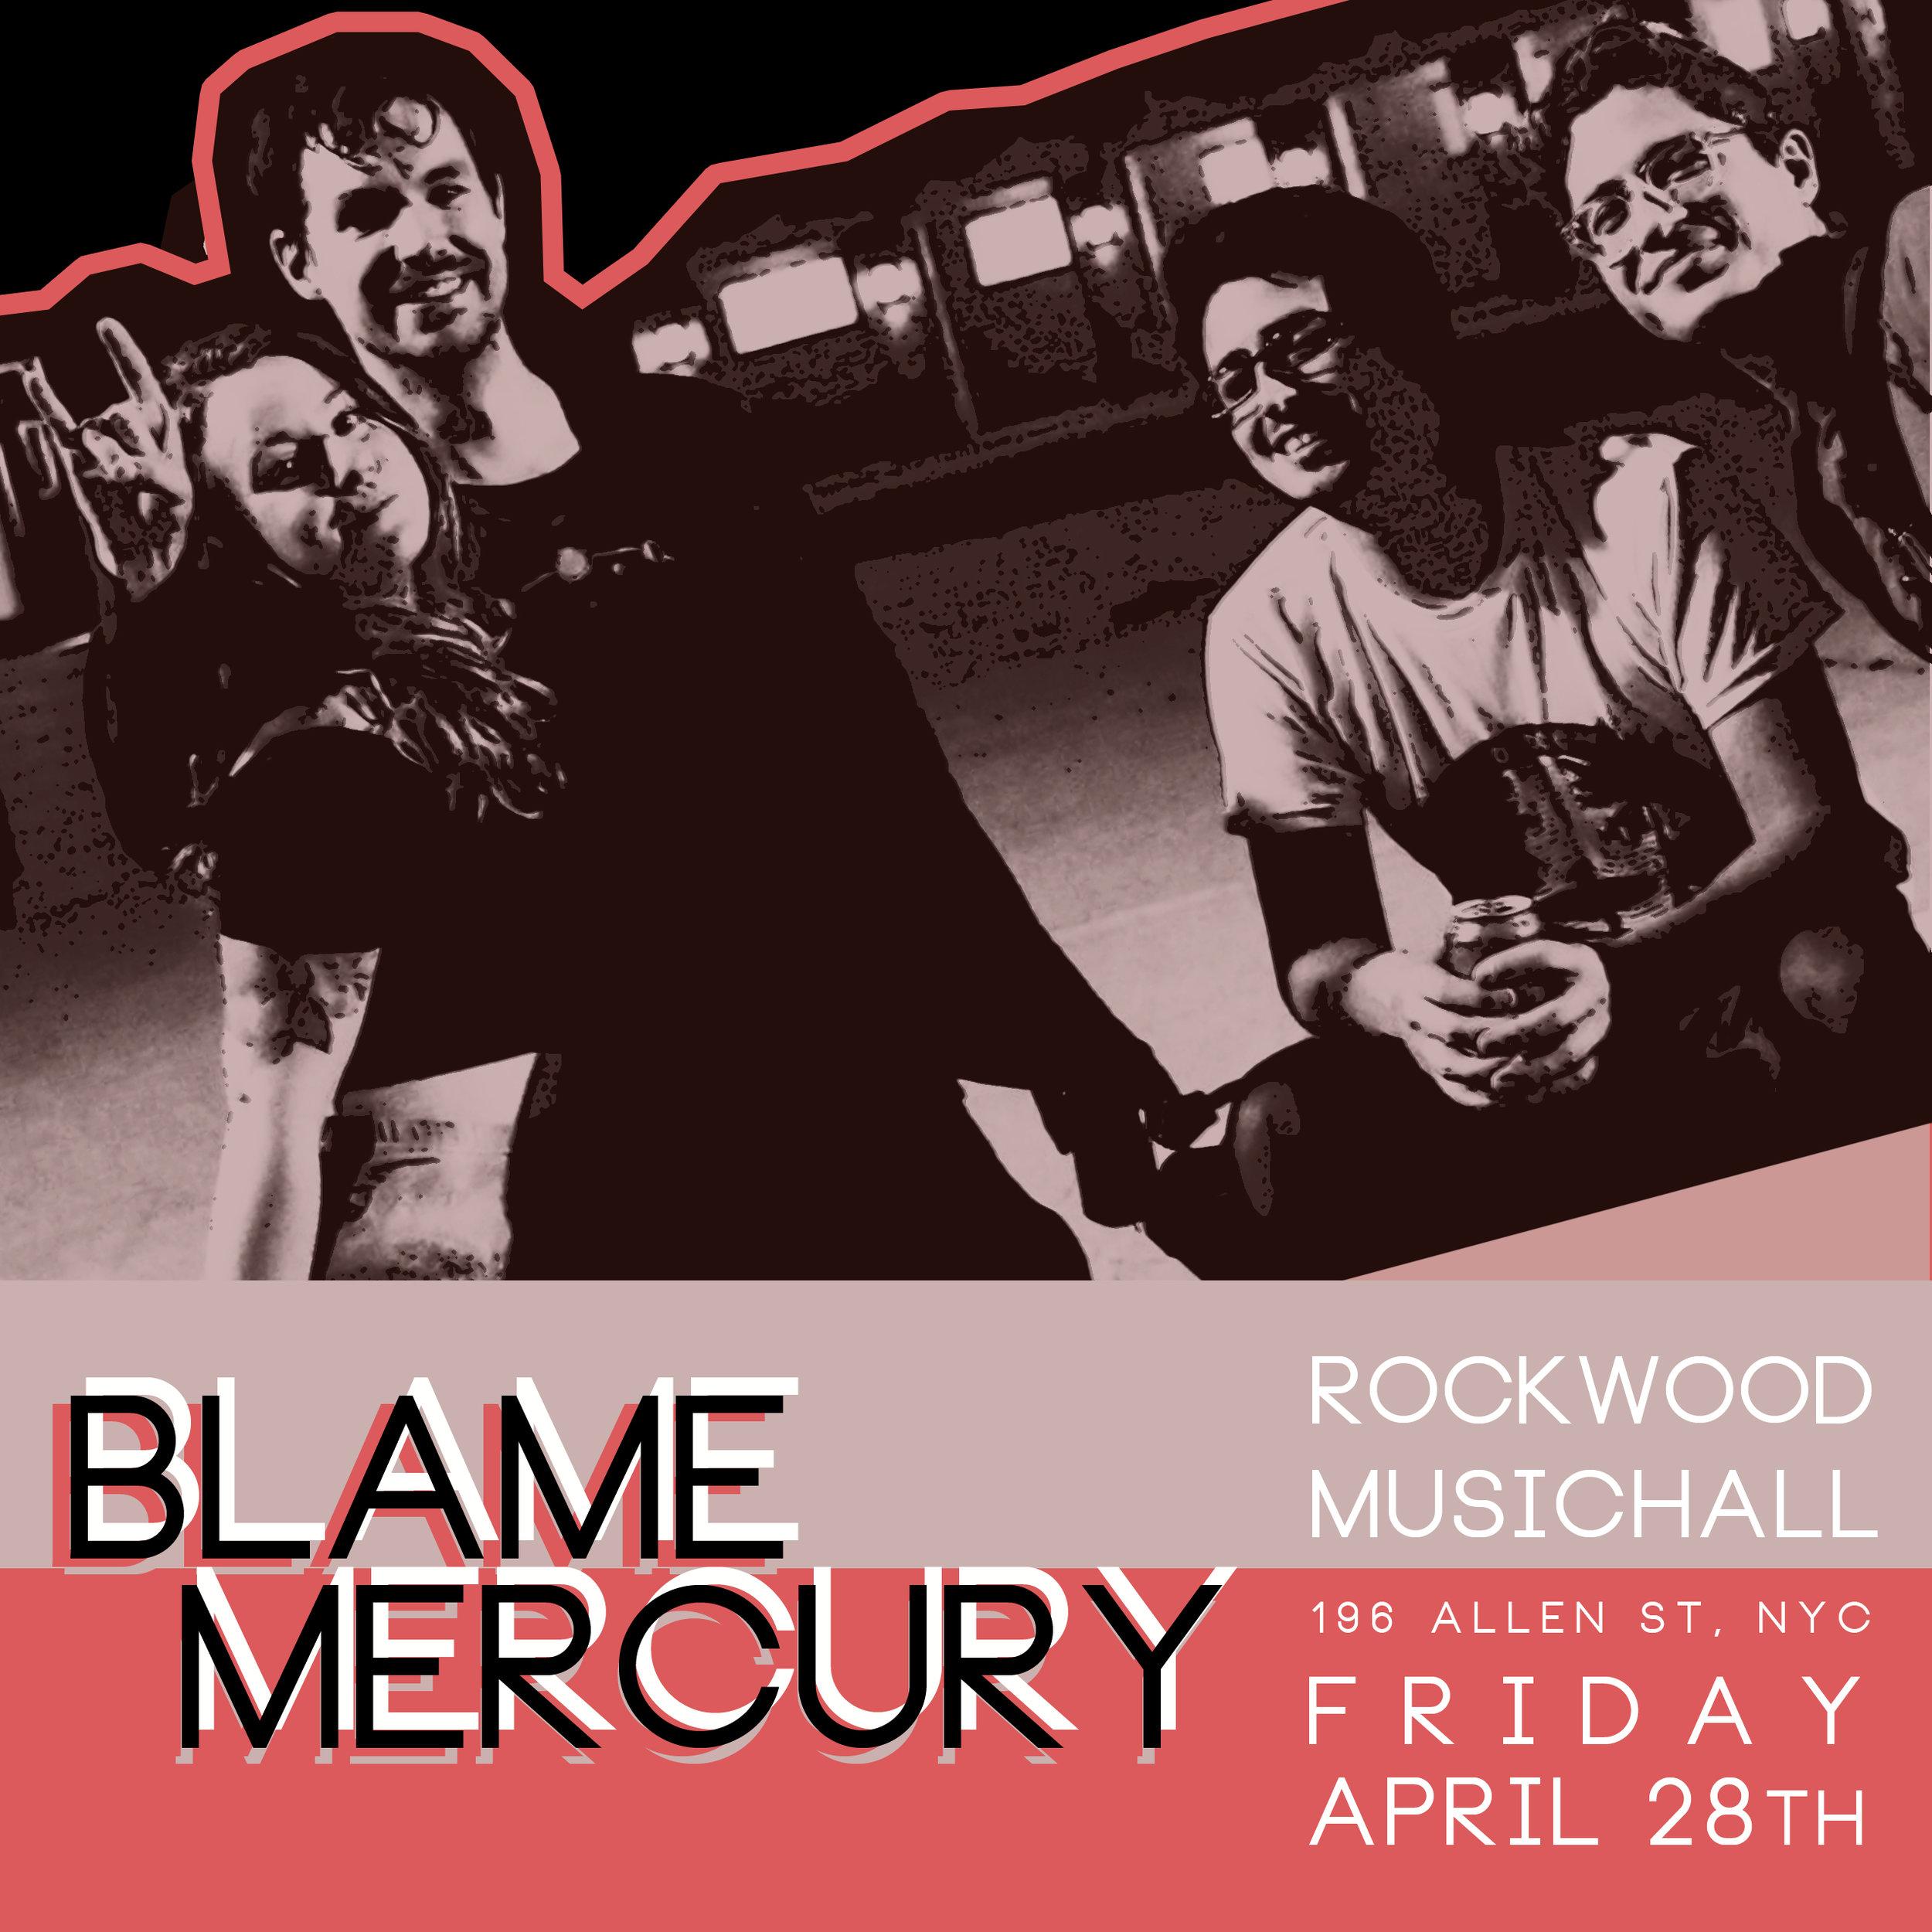 17-0428 - Blame Mercury Flyer.jpg